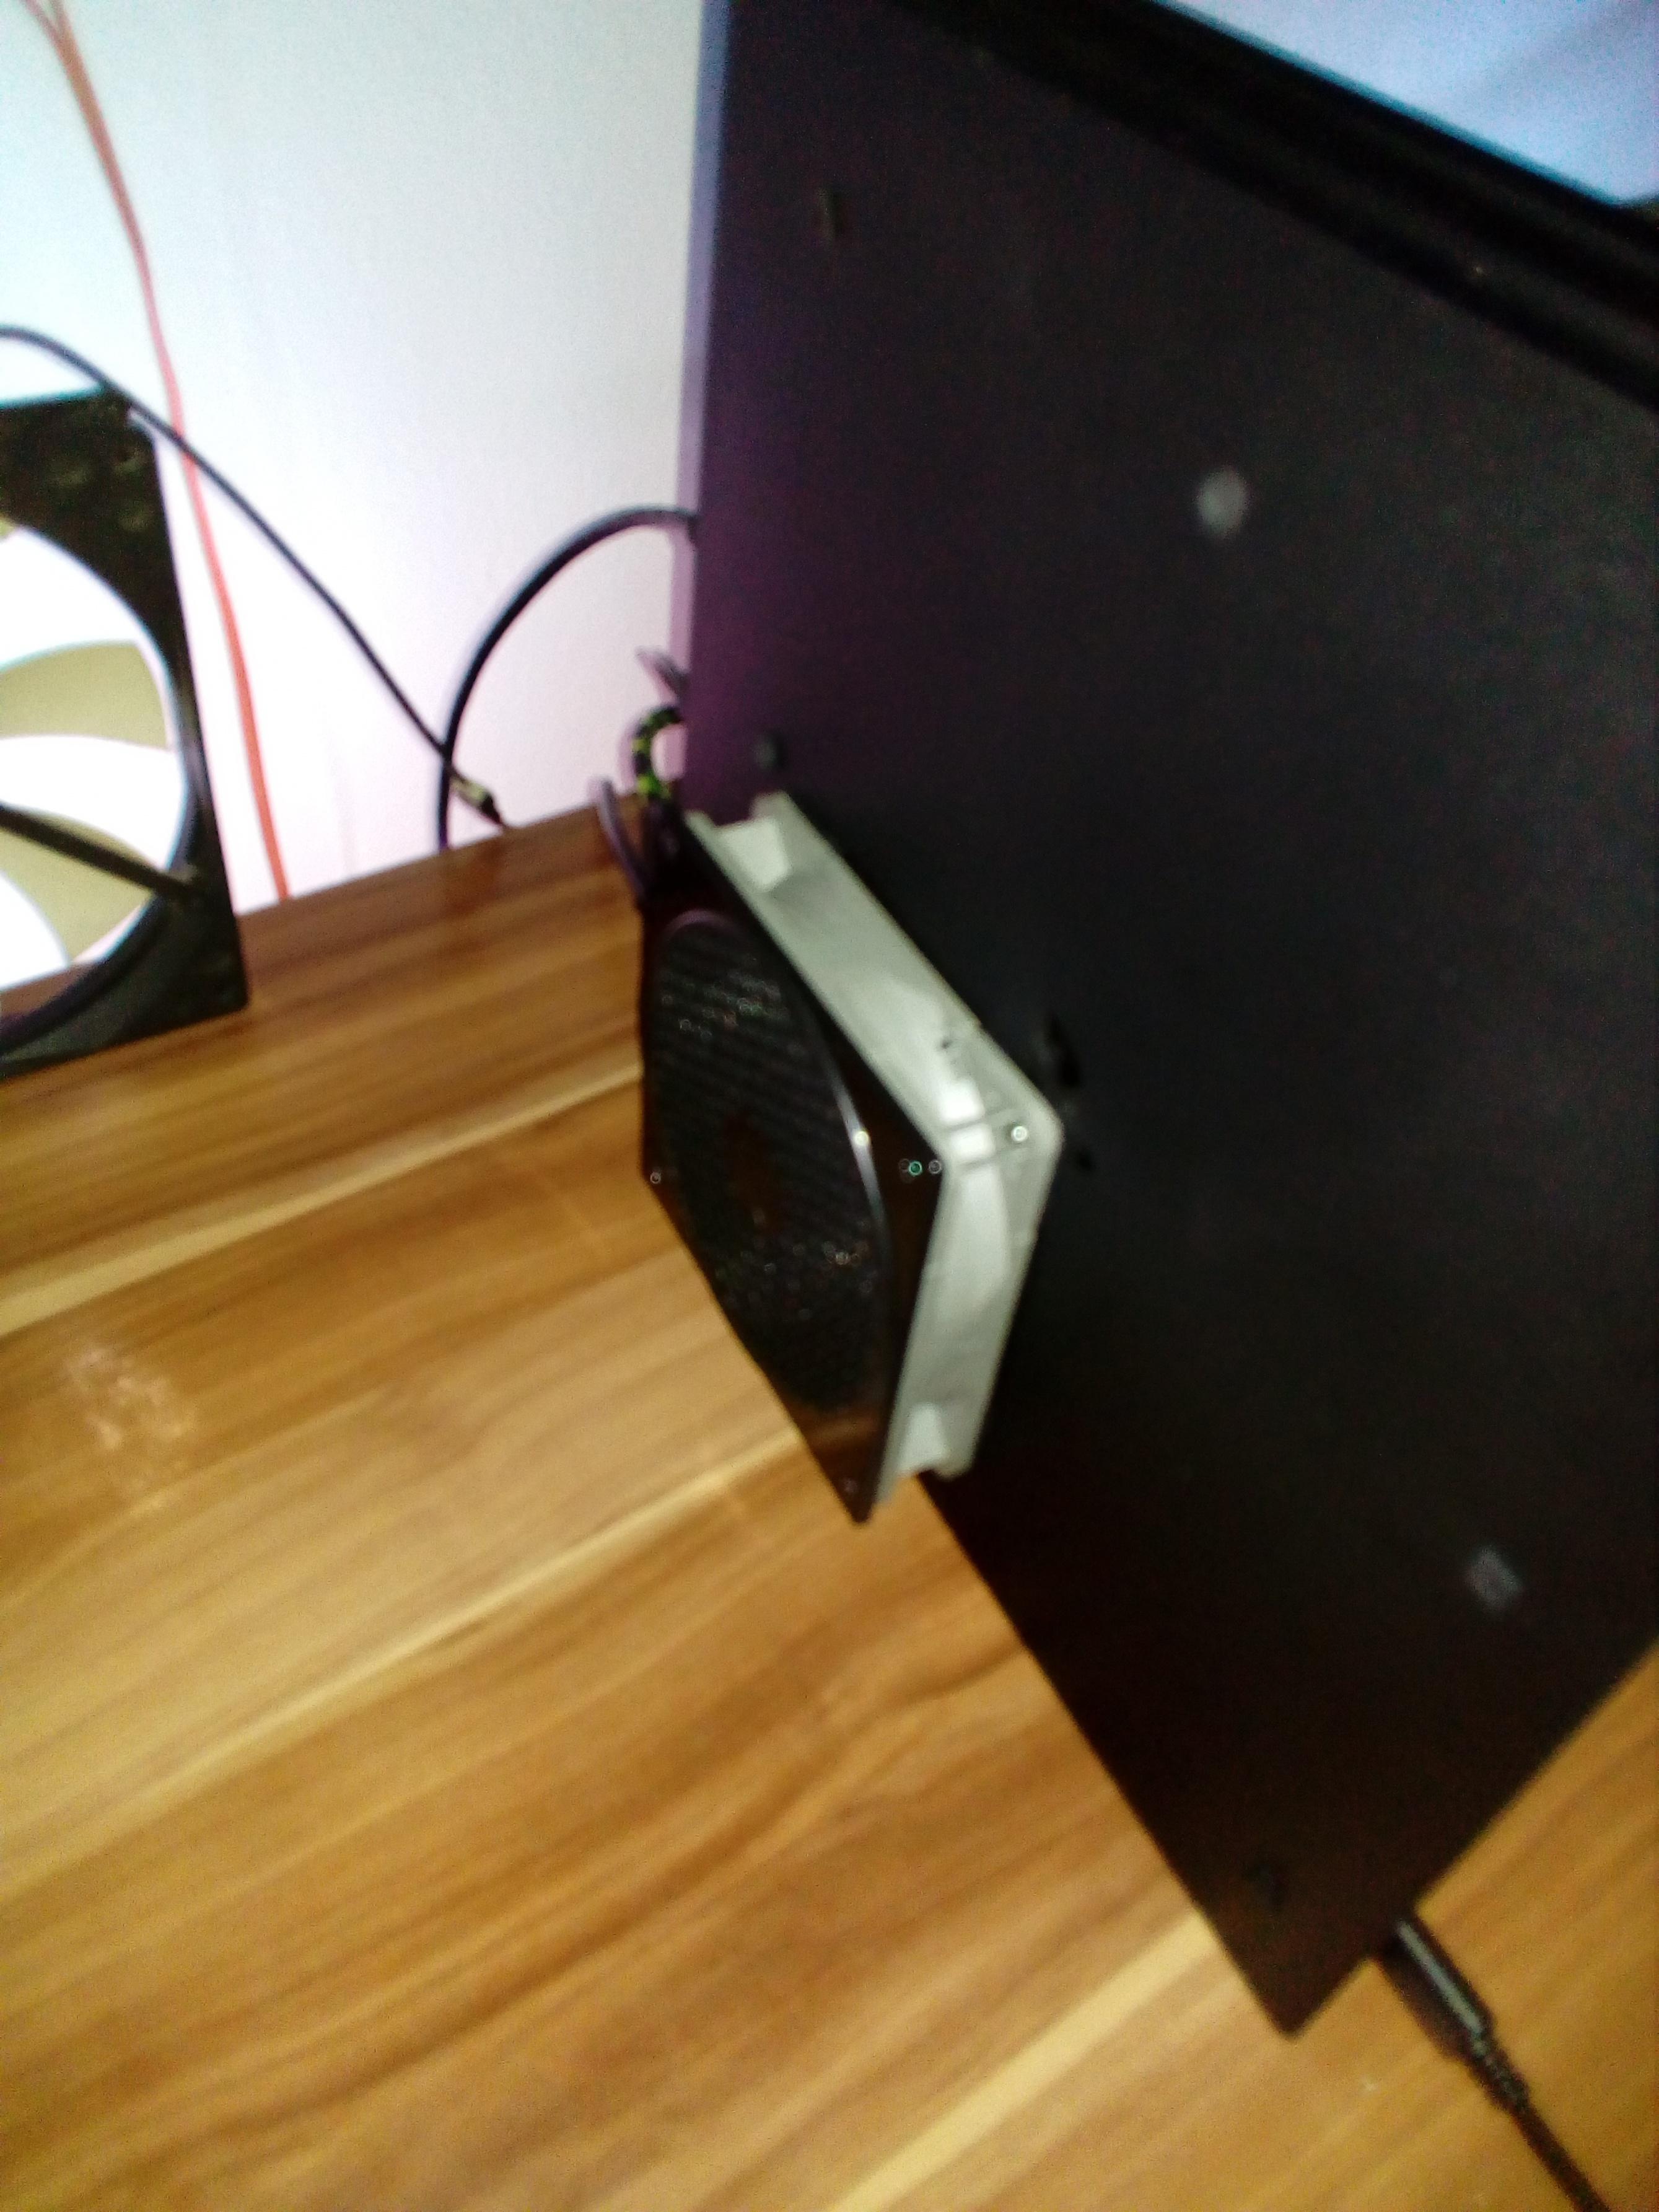 PS4 Pro Umbau für bessere Kühlung mit Zusatzlüfter